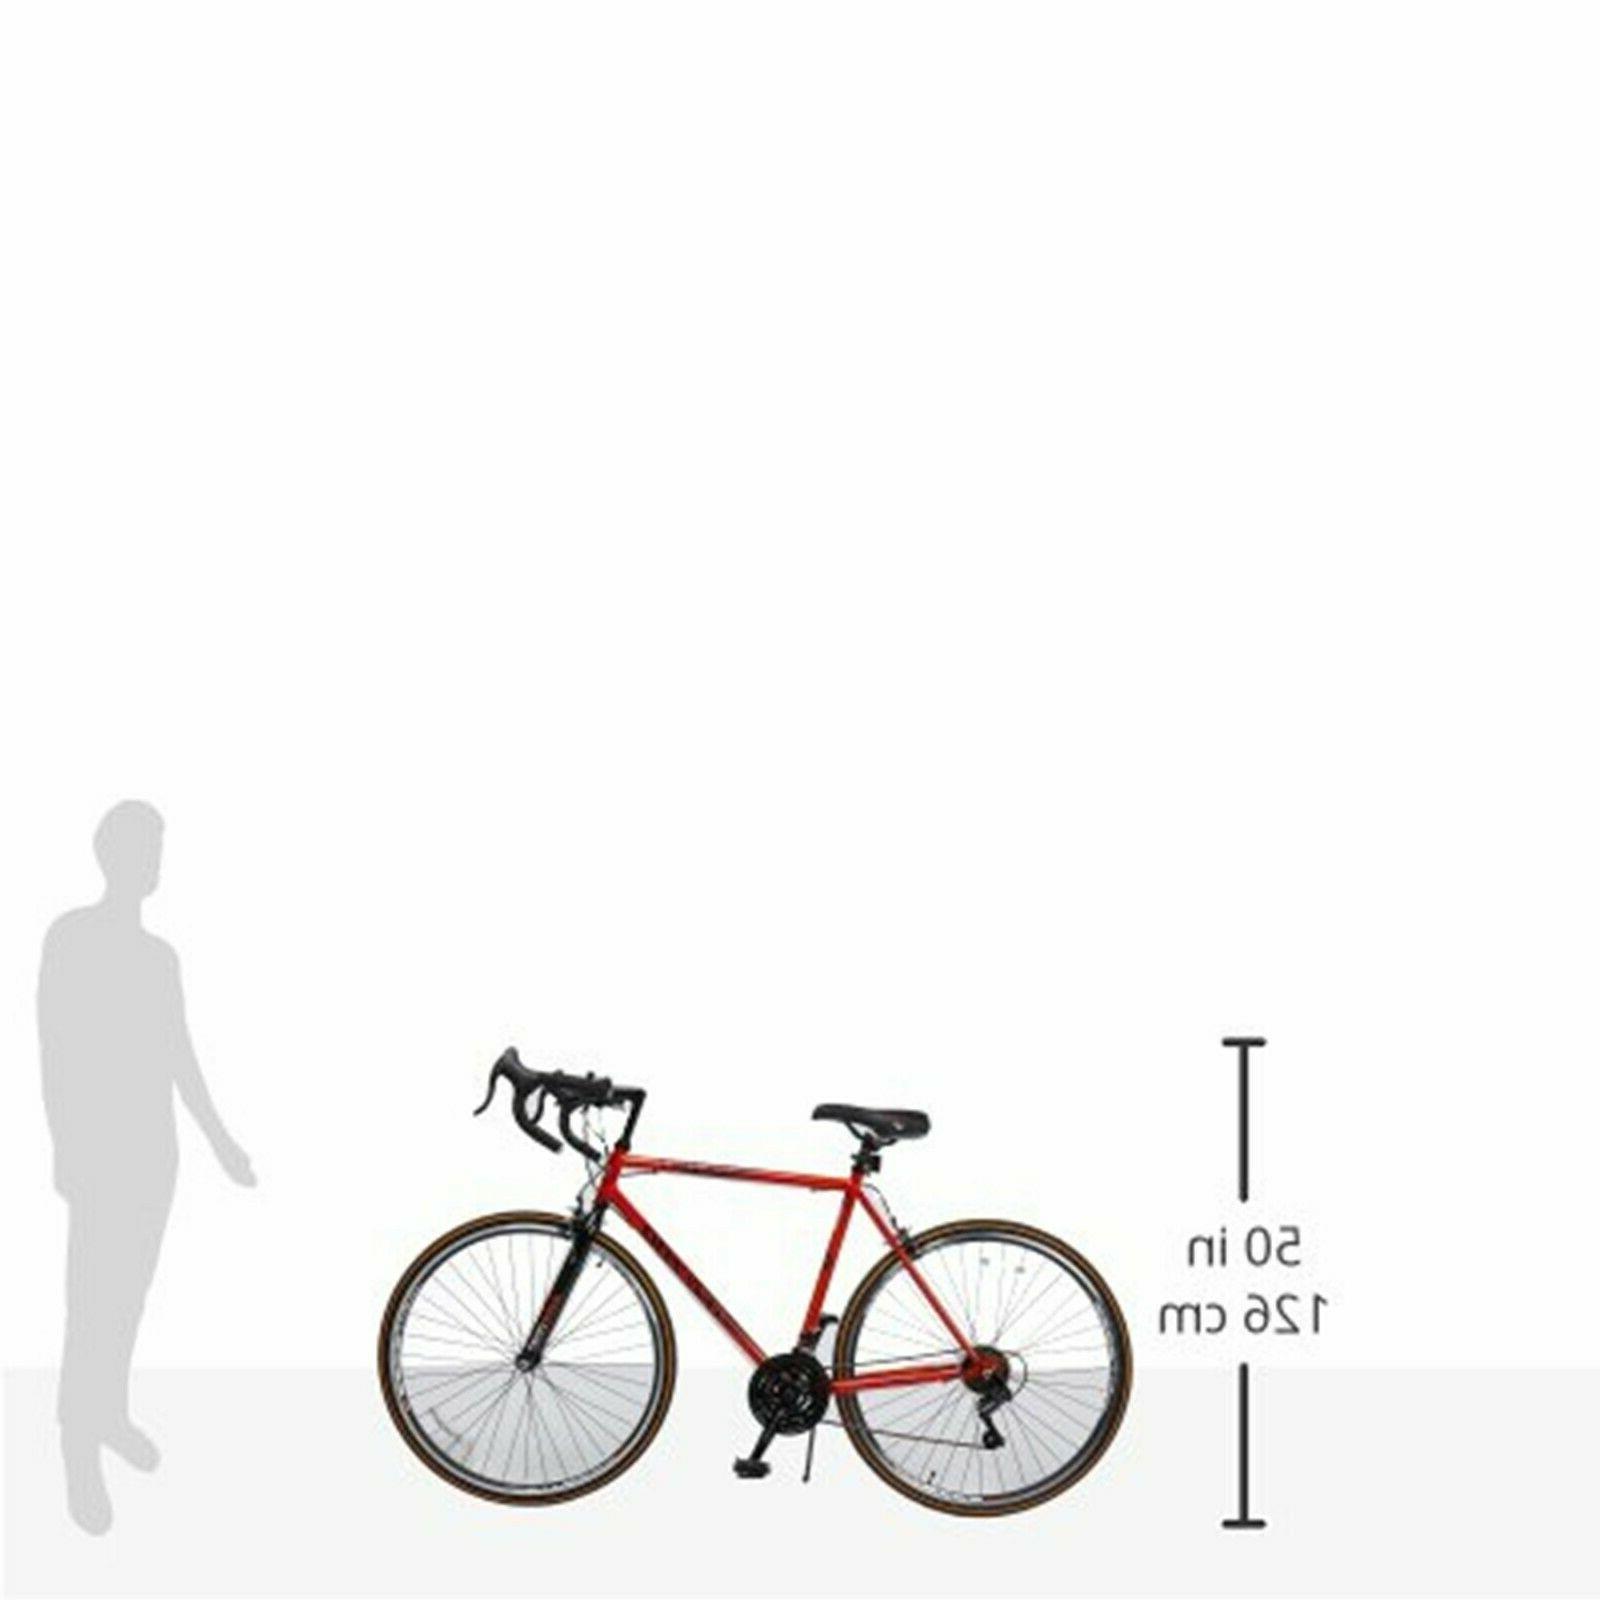 Kent 700c GZR700 Road Bike in